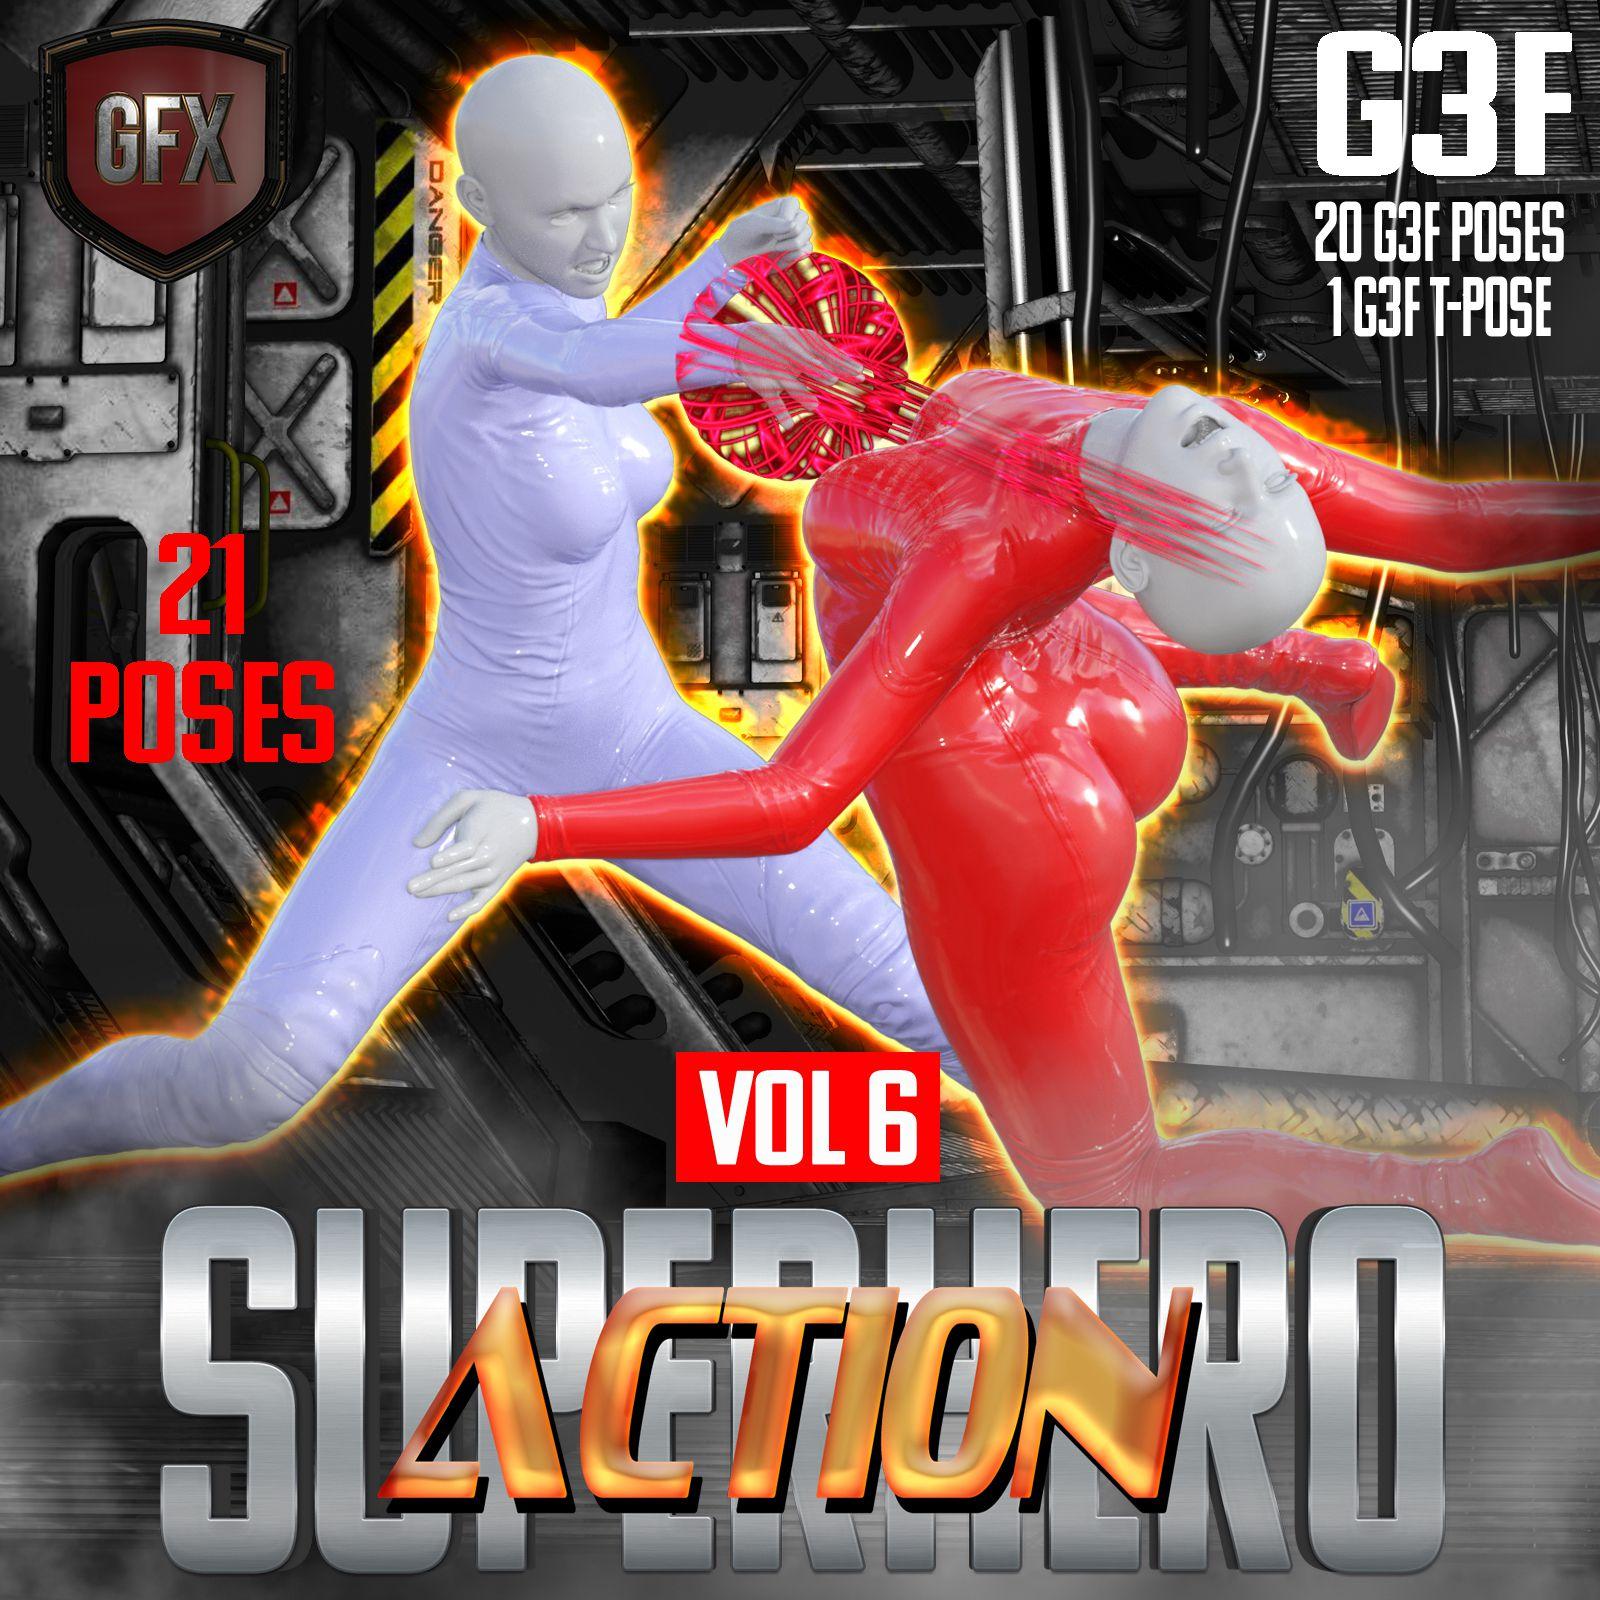 SuperHero Action for G3F Volume 6_DAZ3D下载站